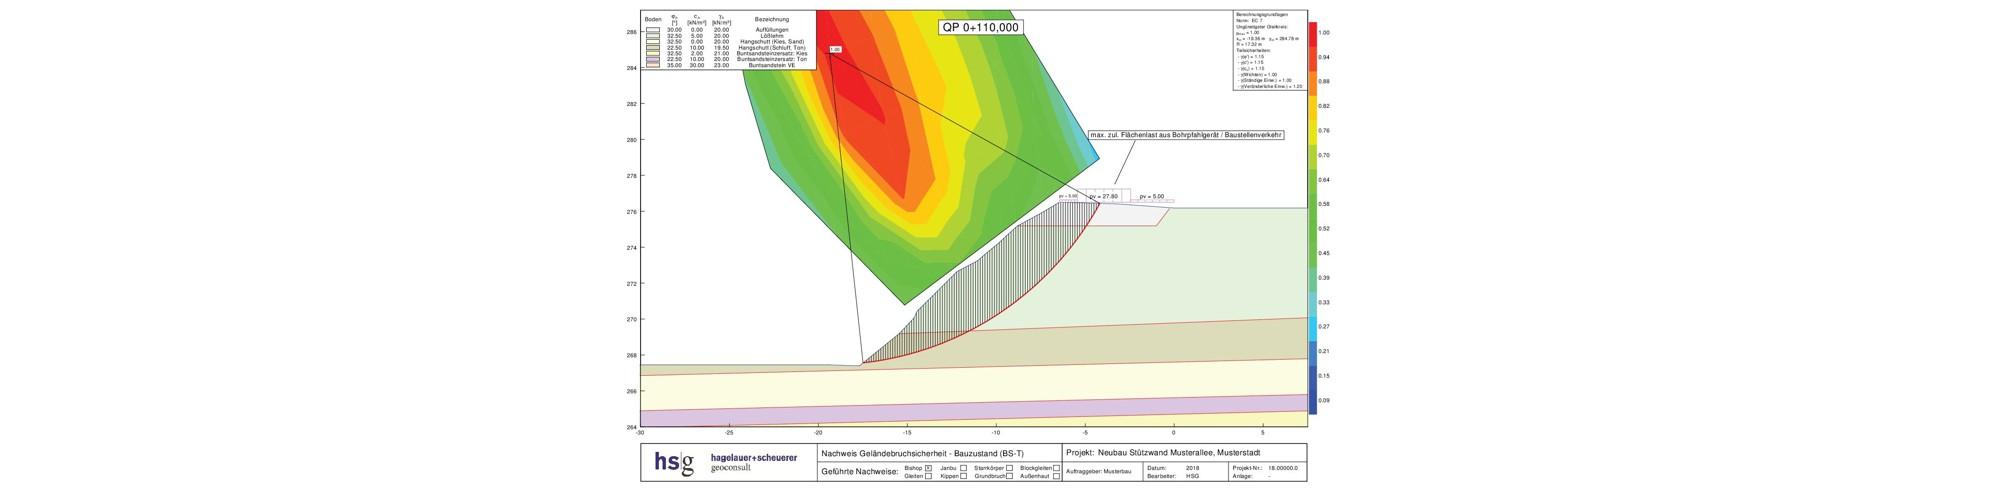 Grafik Auswertung Geländebruchberechnung